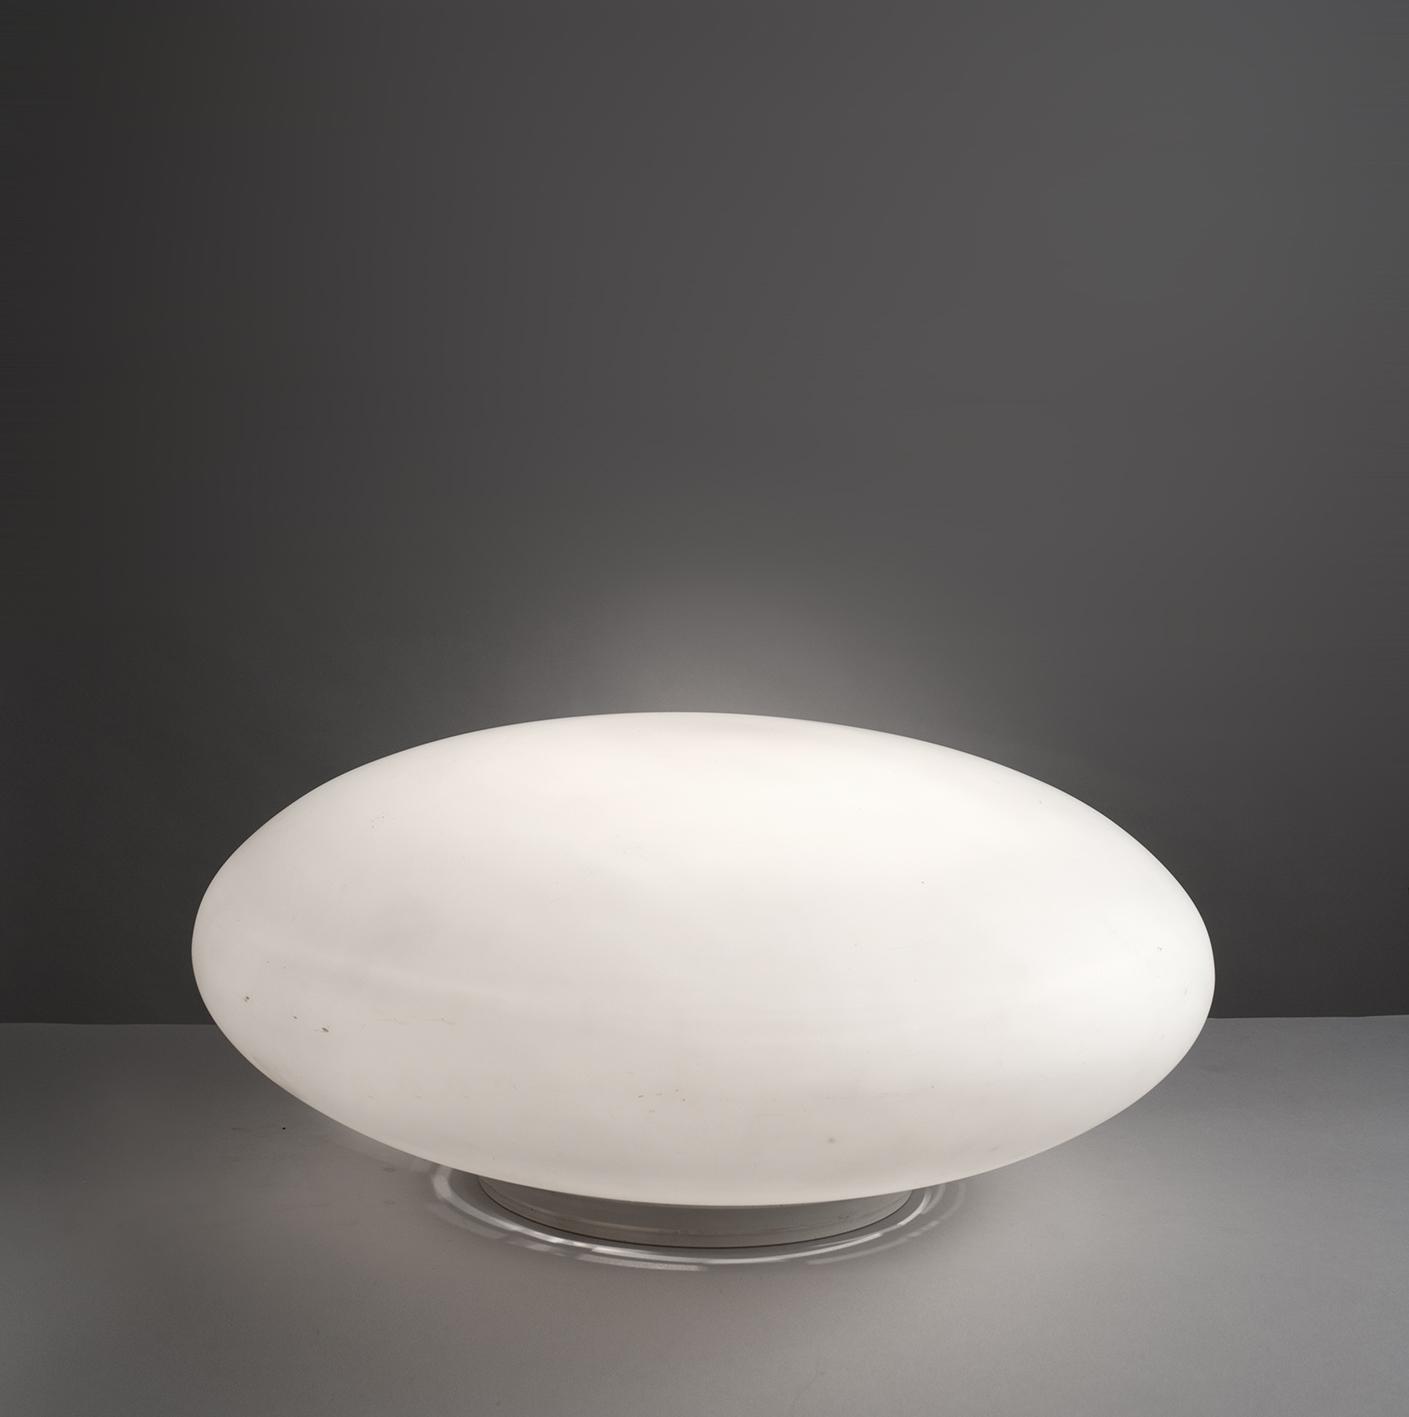 Lampe_galet_modele_10511_de_Joseph_Andre_Motte_2.jpg